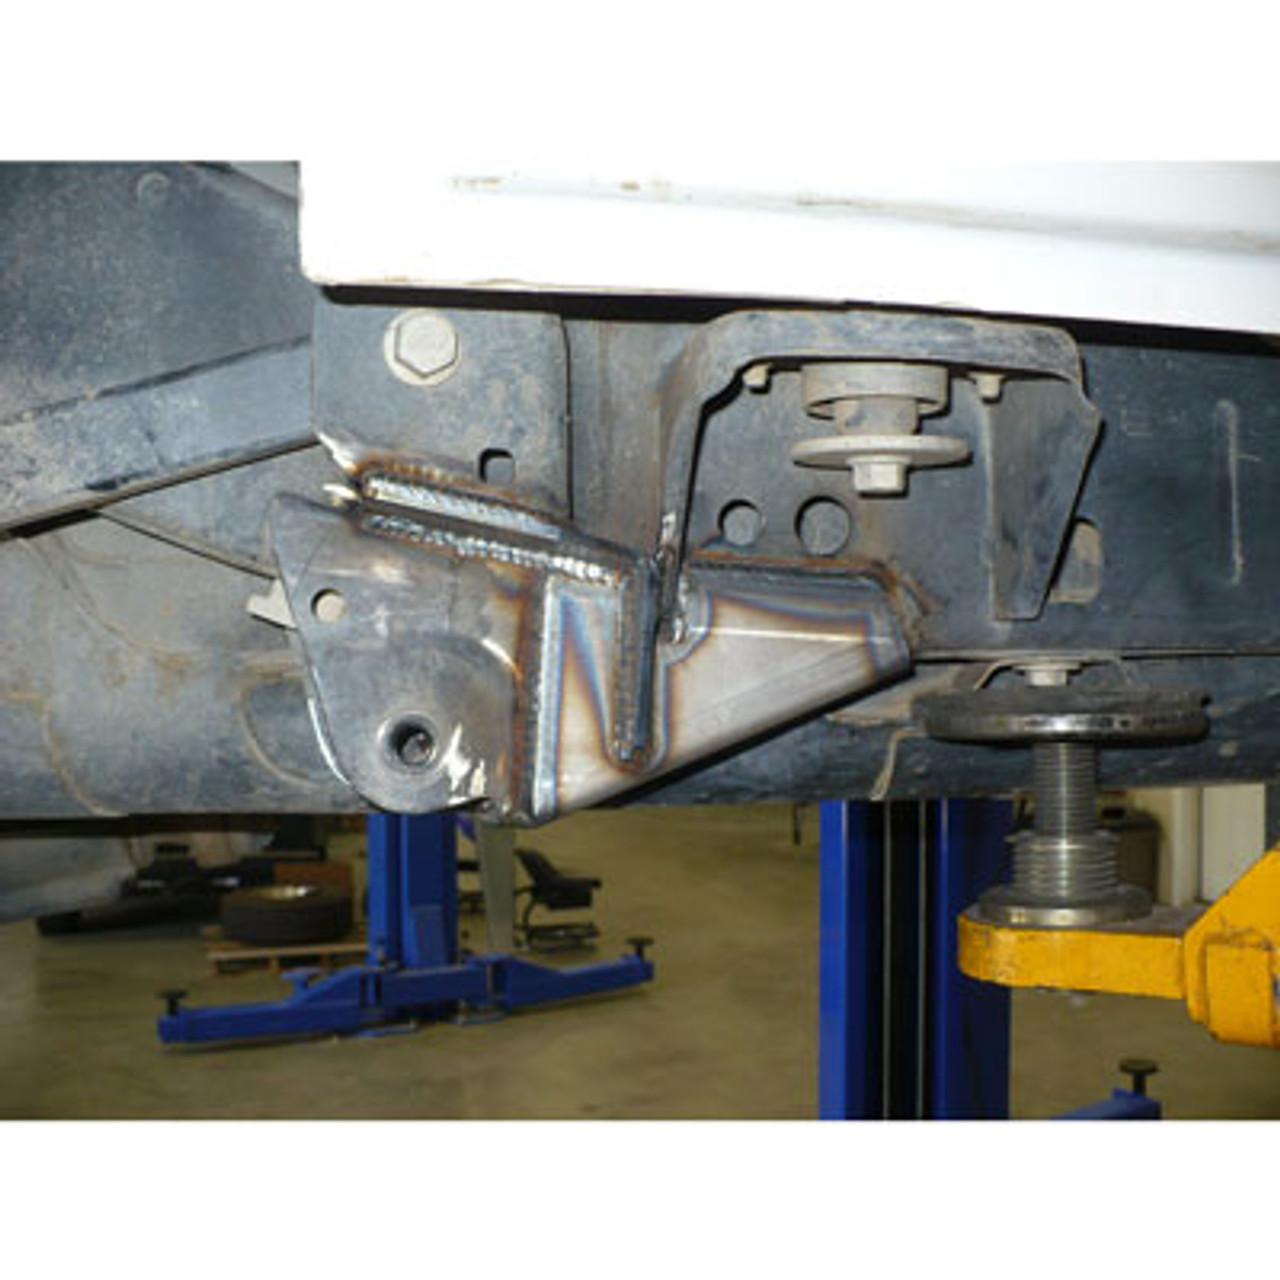 Installed Frame Side Rear Lower Control Arm Gusset Kit for JK